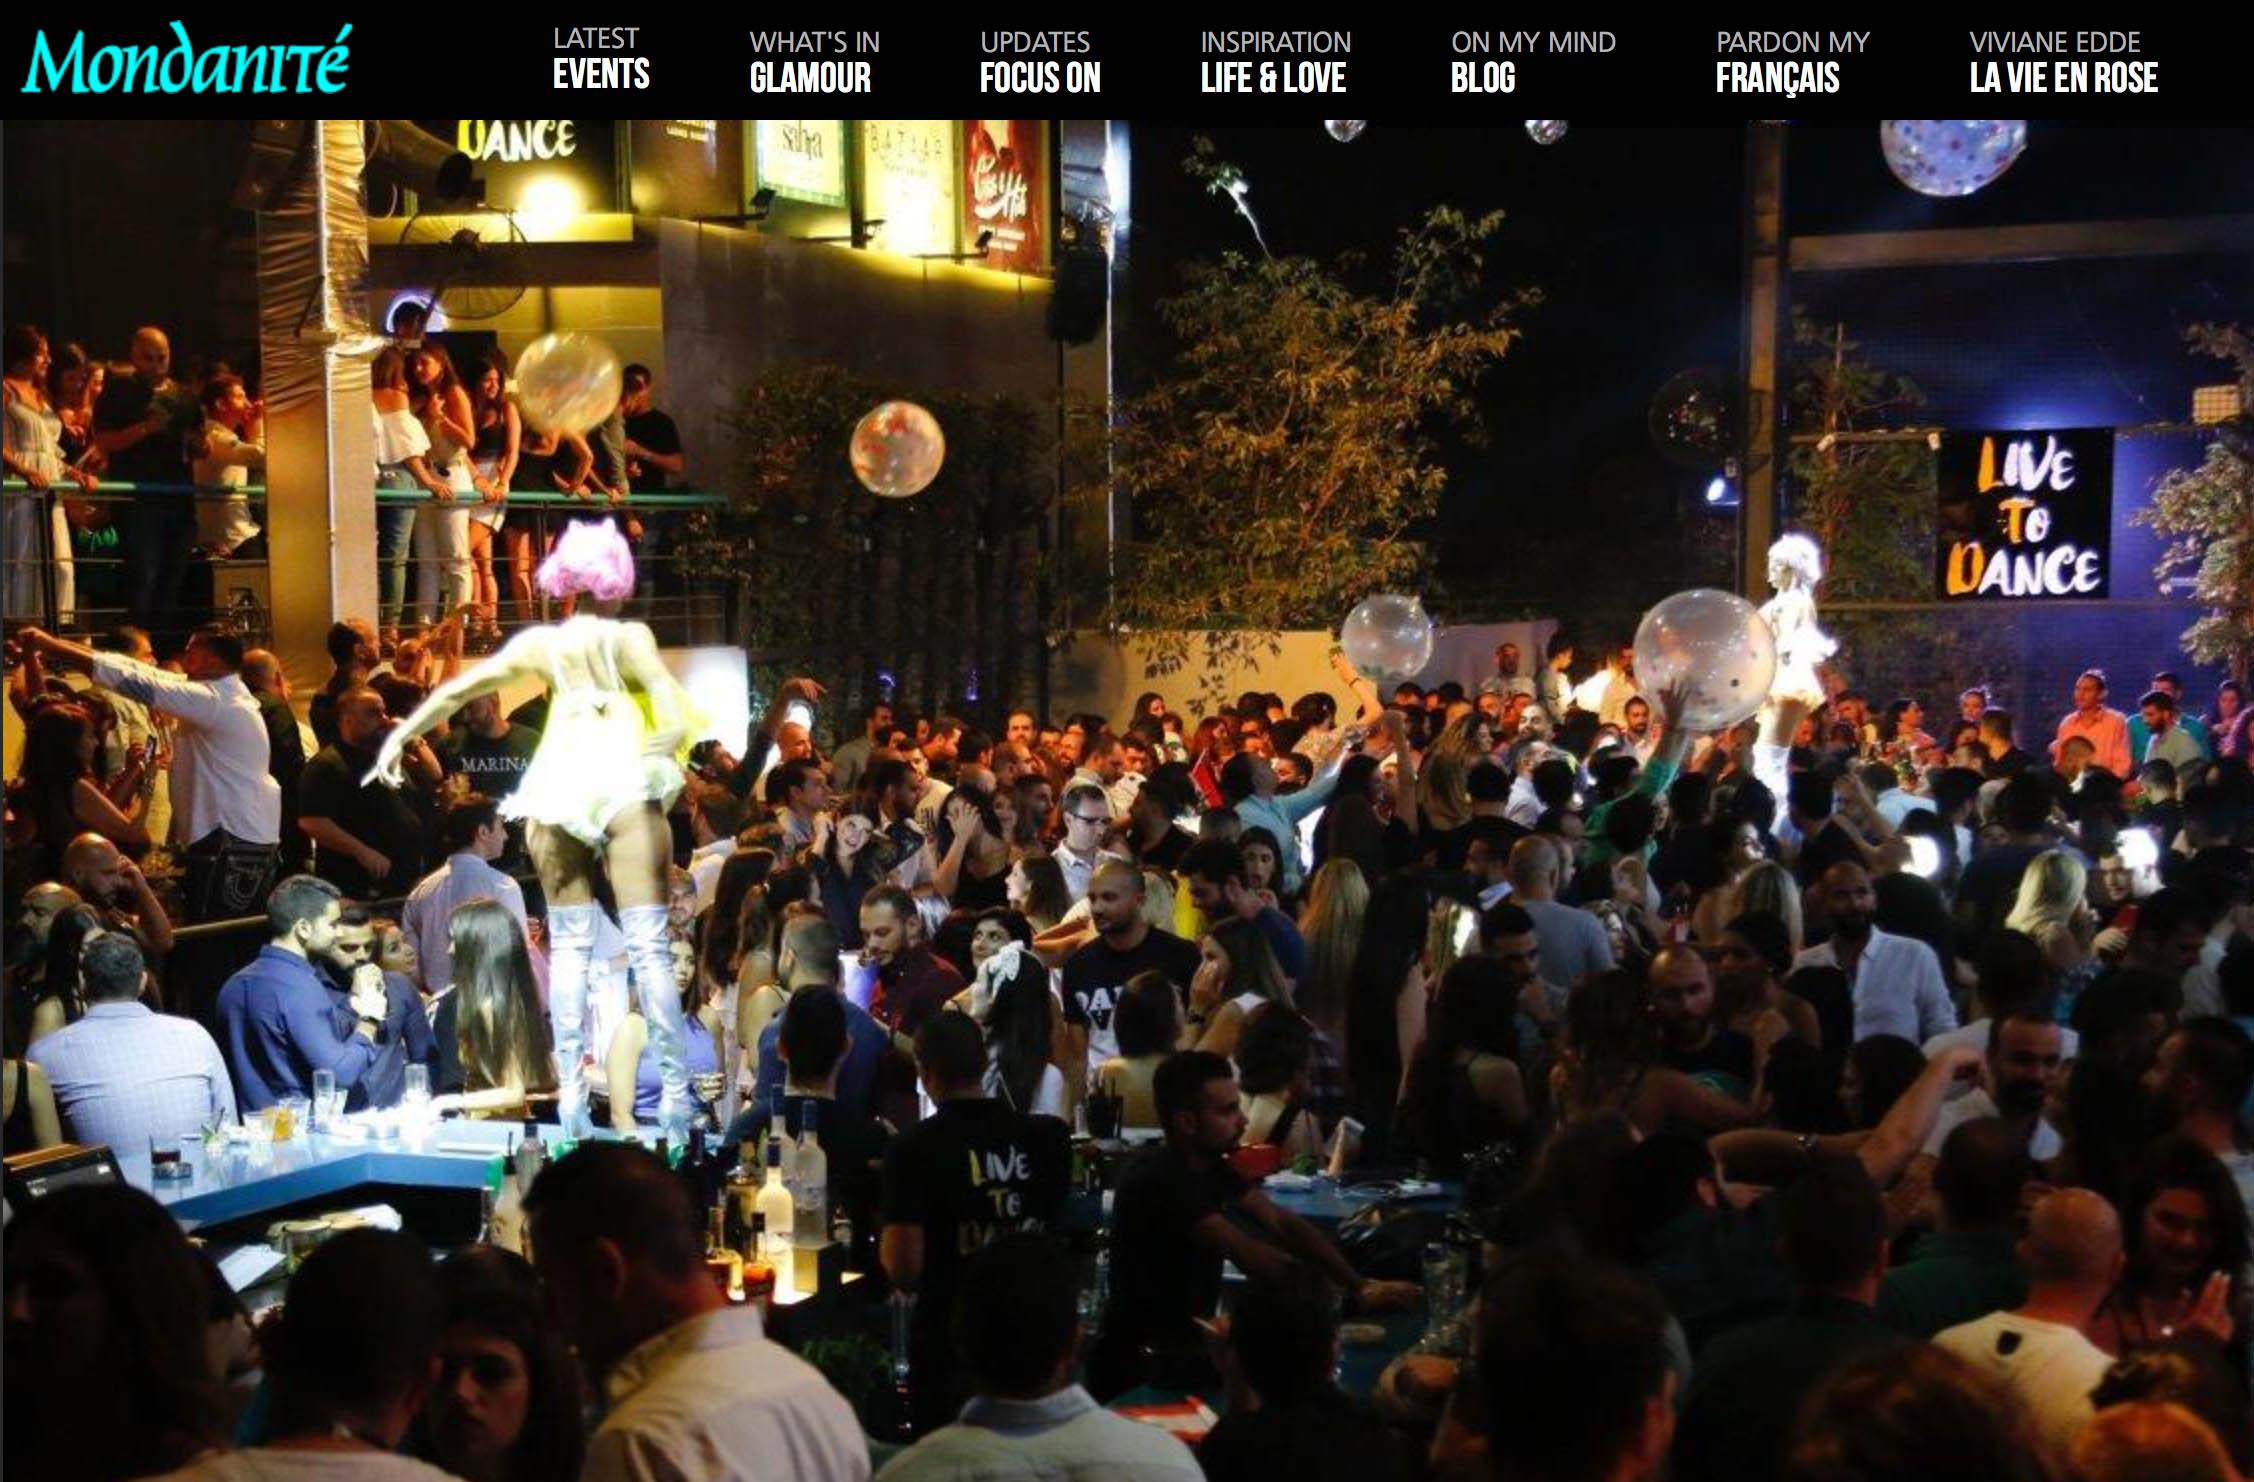 Скриншот с сайта модного ливанского журнала «Монданитэ» — вечеринка в клубе «Каприз»